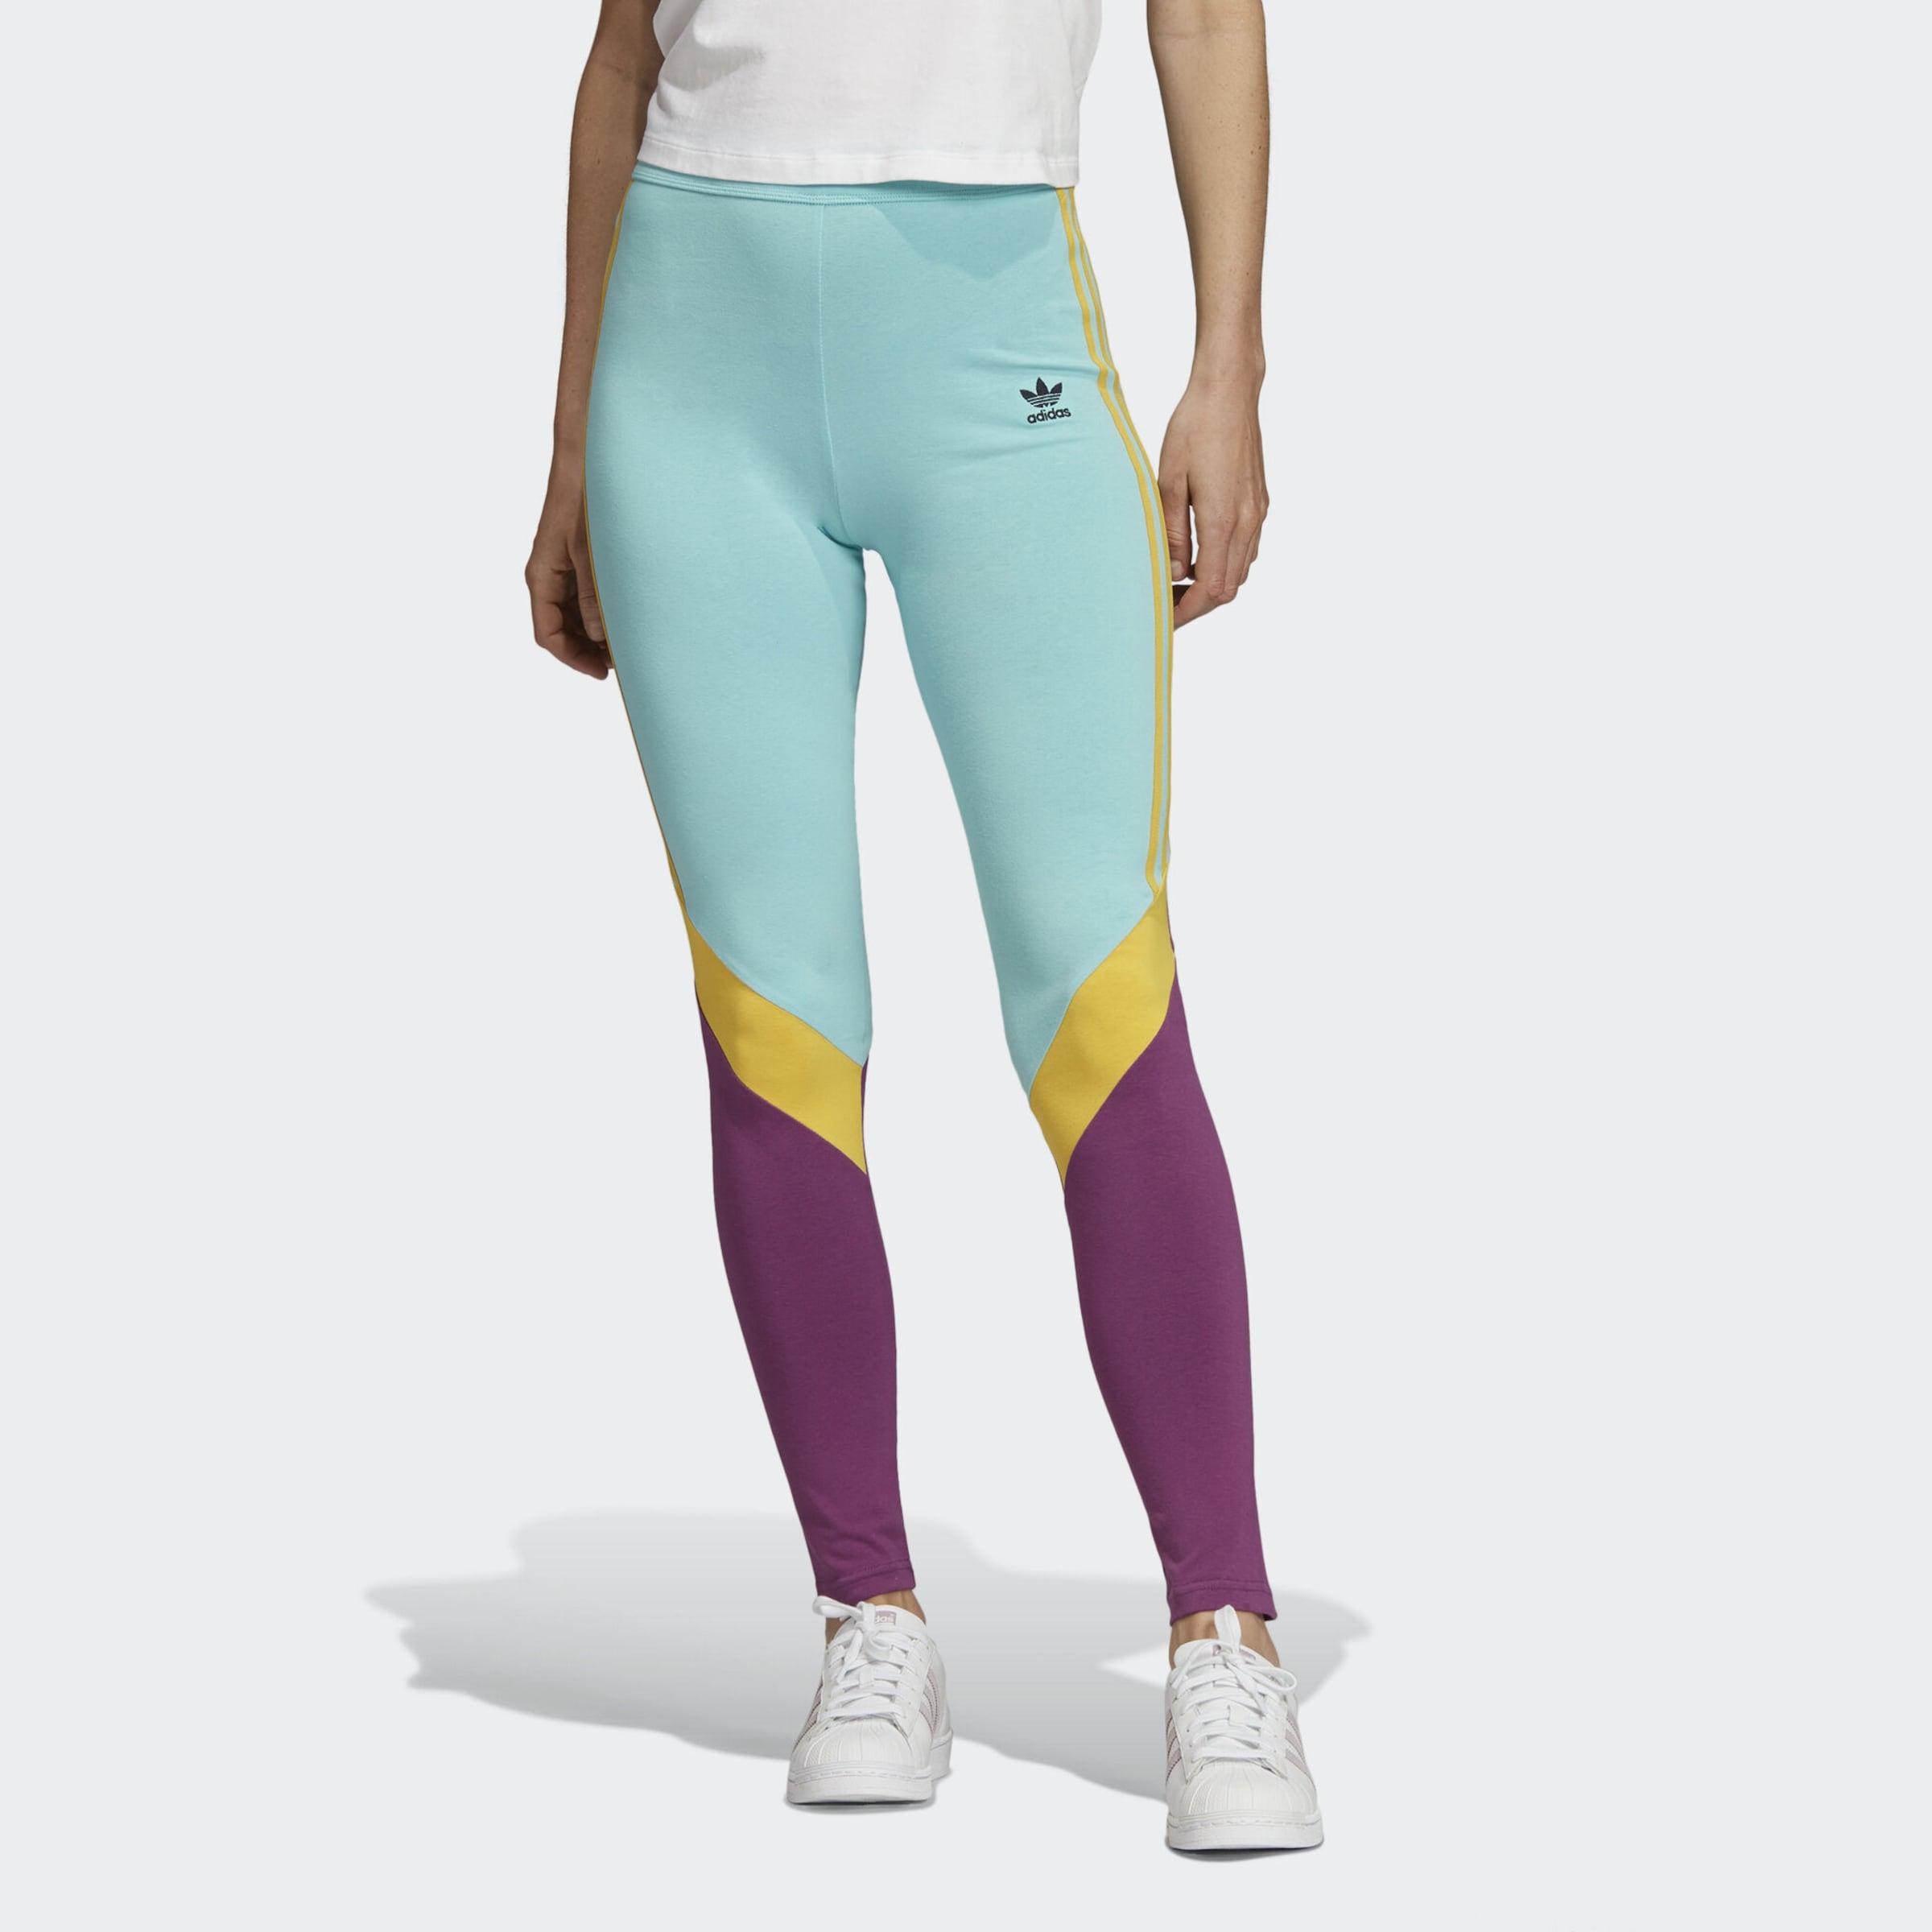 En Violet Originals Adidas Leggings Adidas Violet Originals En Leggings uPXOkZiT